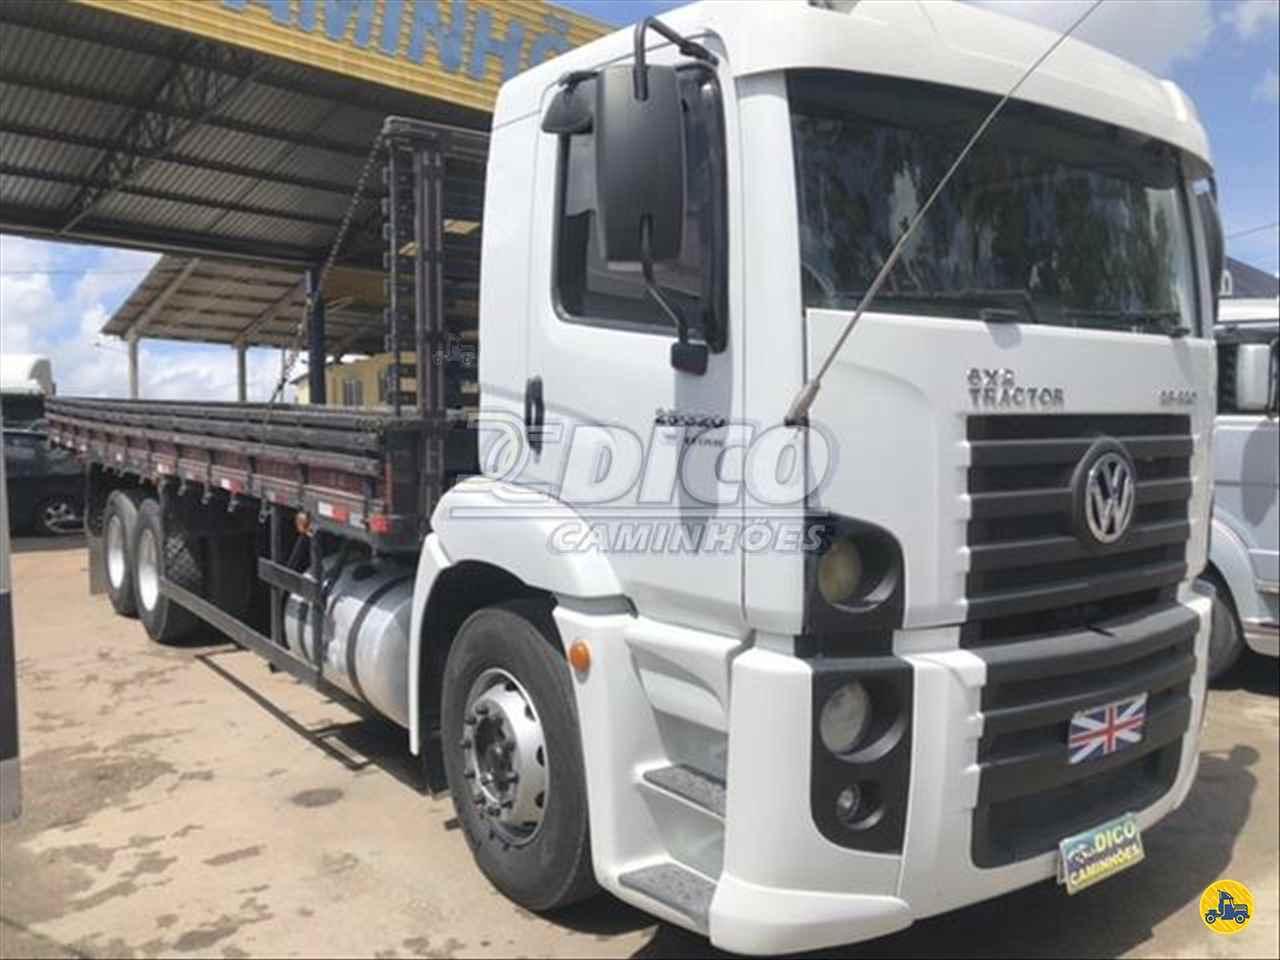 CAMINHAO VOLKSWAGEN VW 25320 Carga Seca Truck 6x2 Dico Caminhões RIO DO SUL SANTA CATARINA SC